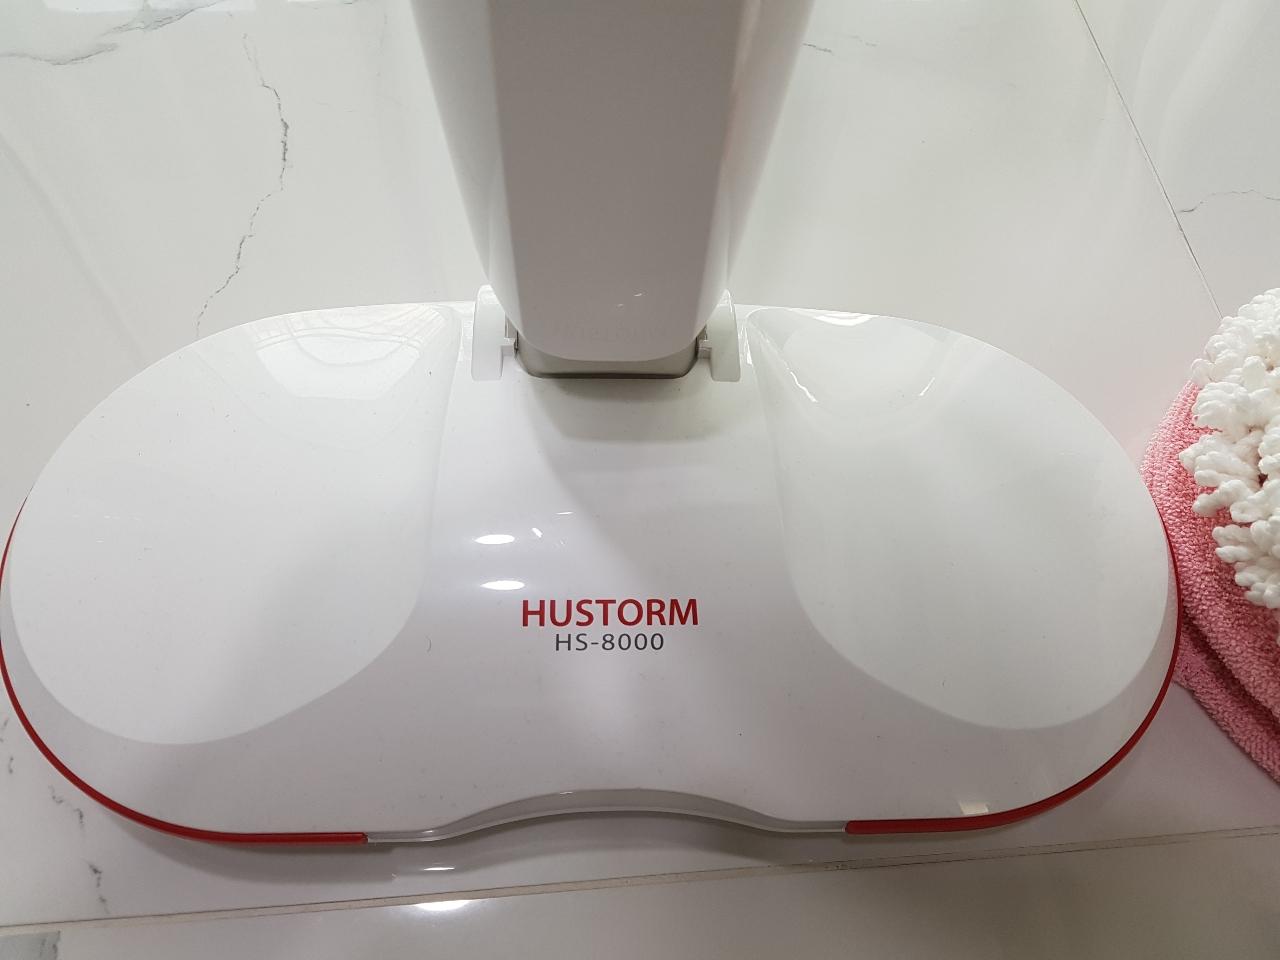 휴스톰 물걸레청소기